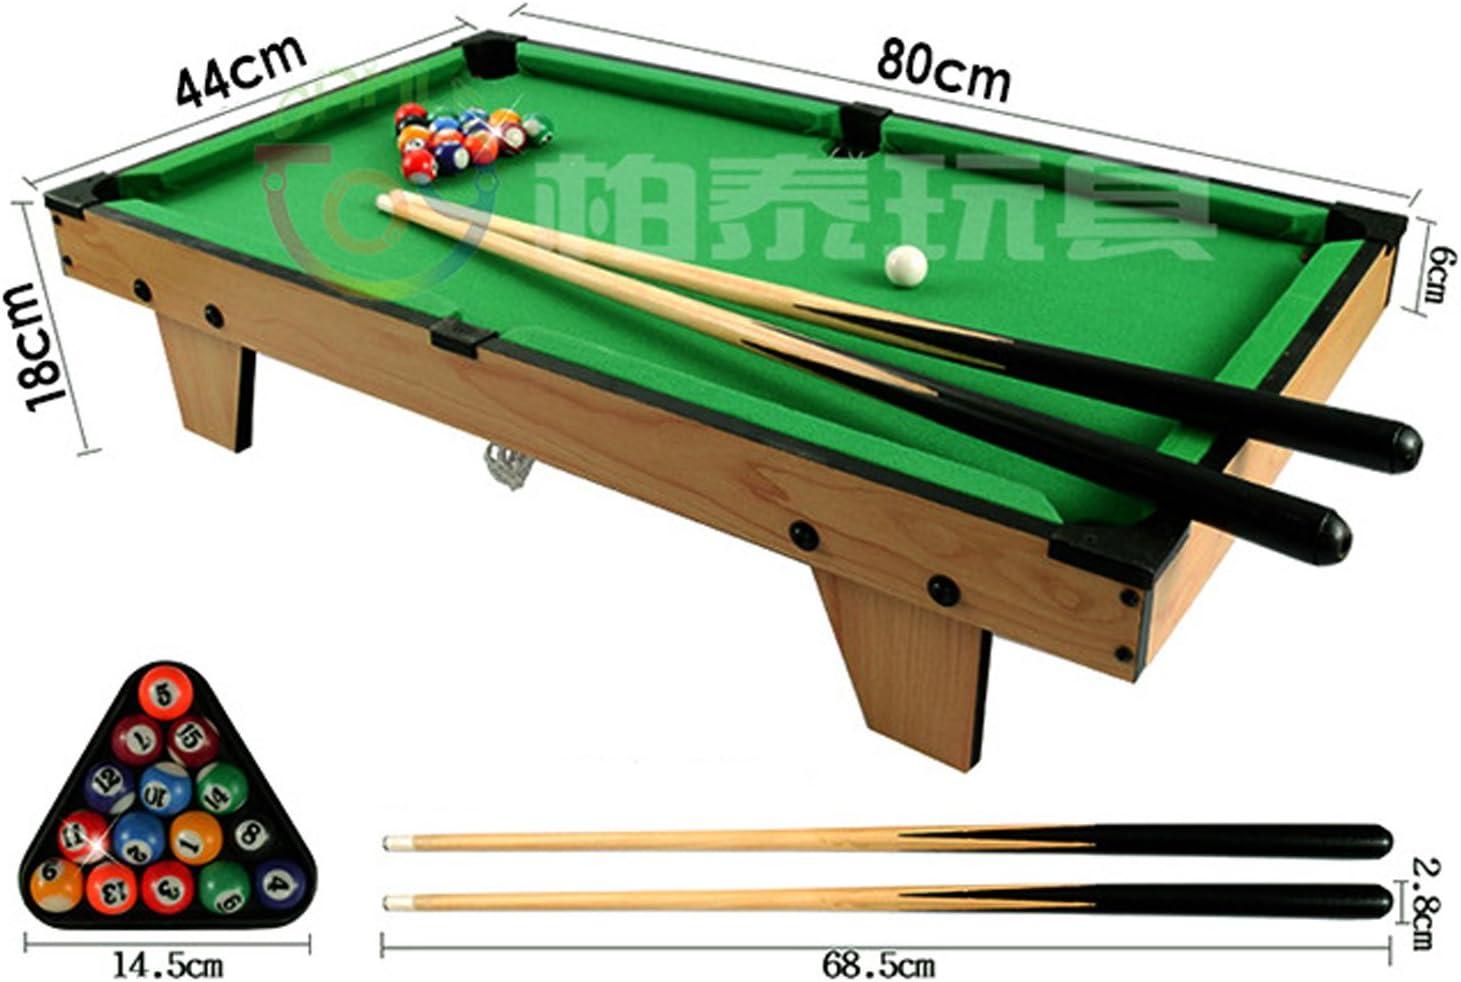 wanderagio pequeña bola de mesa mesa de billar billar Home juego de billar juegos, verde, large: Amazon.es: Deportes y aire libre